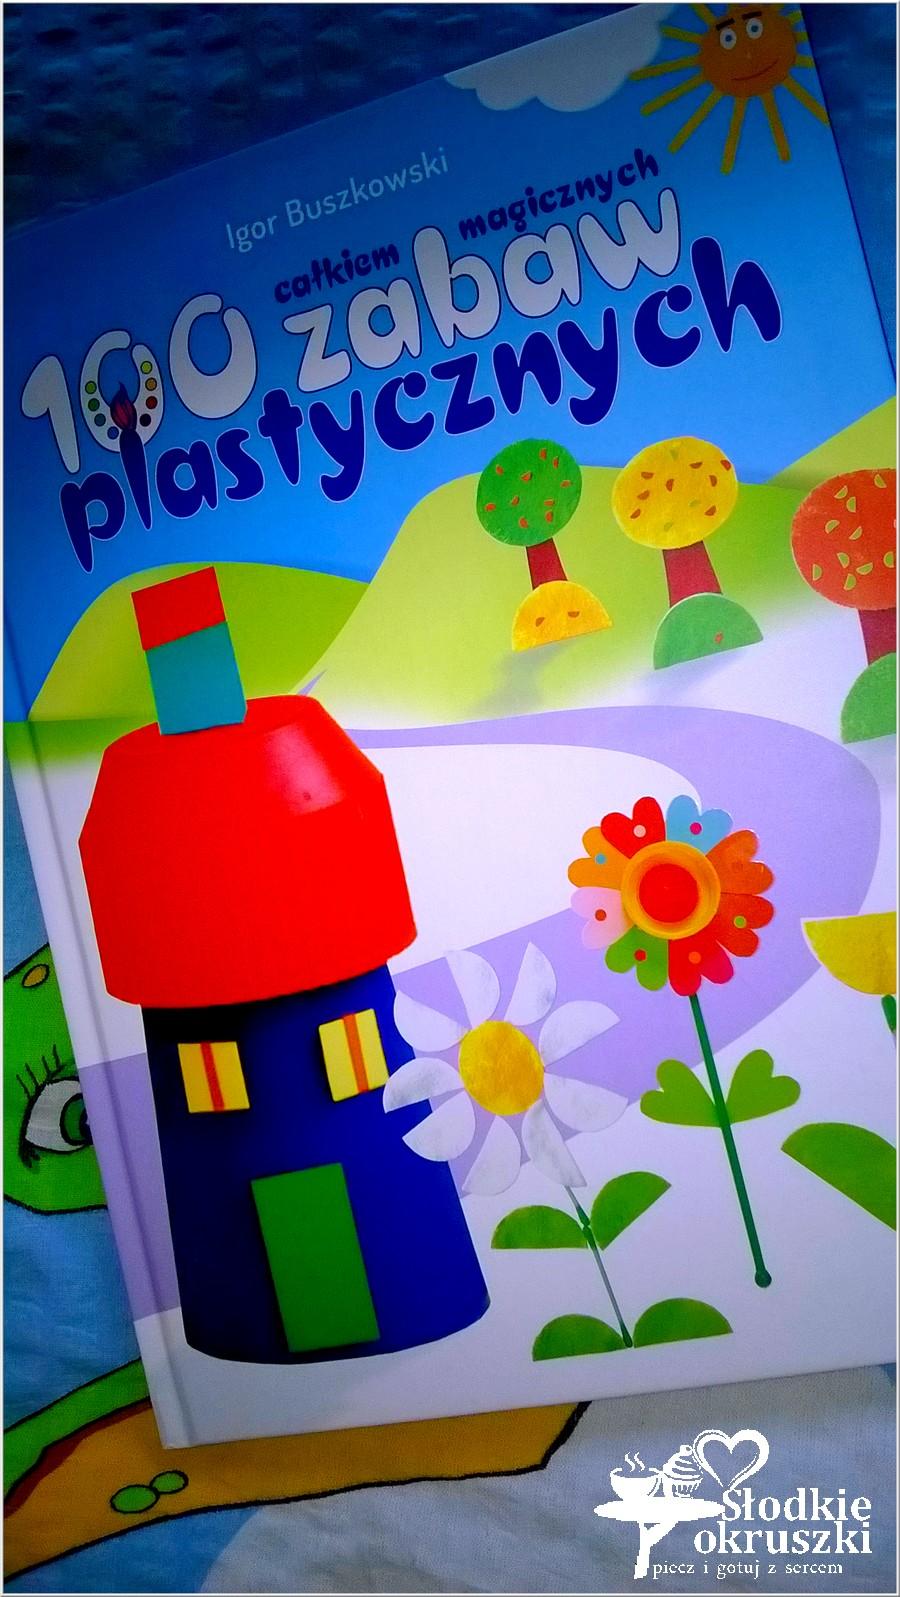 100 całkiem magicznych zabaw plastycznych, Igor Buszkowski. Recenzja. (1)